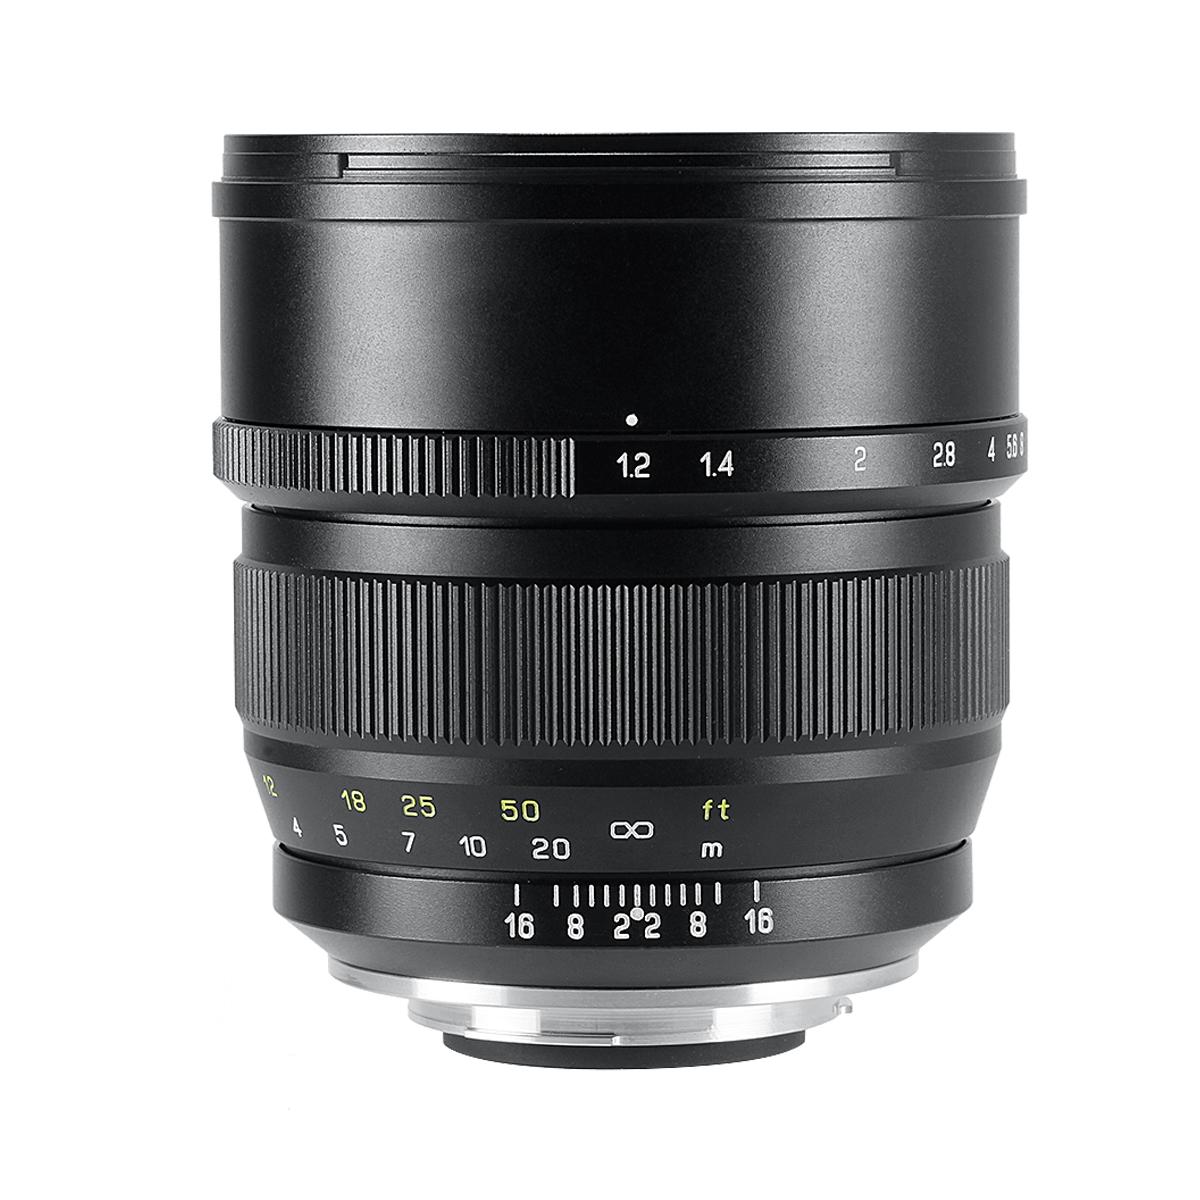 中一光学 SPEEDMASTER ZHONG 記念日 YI OPTICS 85mm 単焦点レンズ 爆売り - F1.2 ペンタックスKマウント